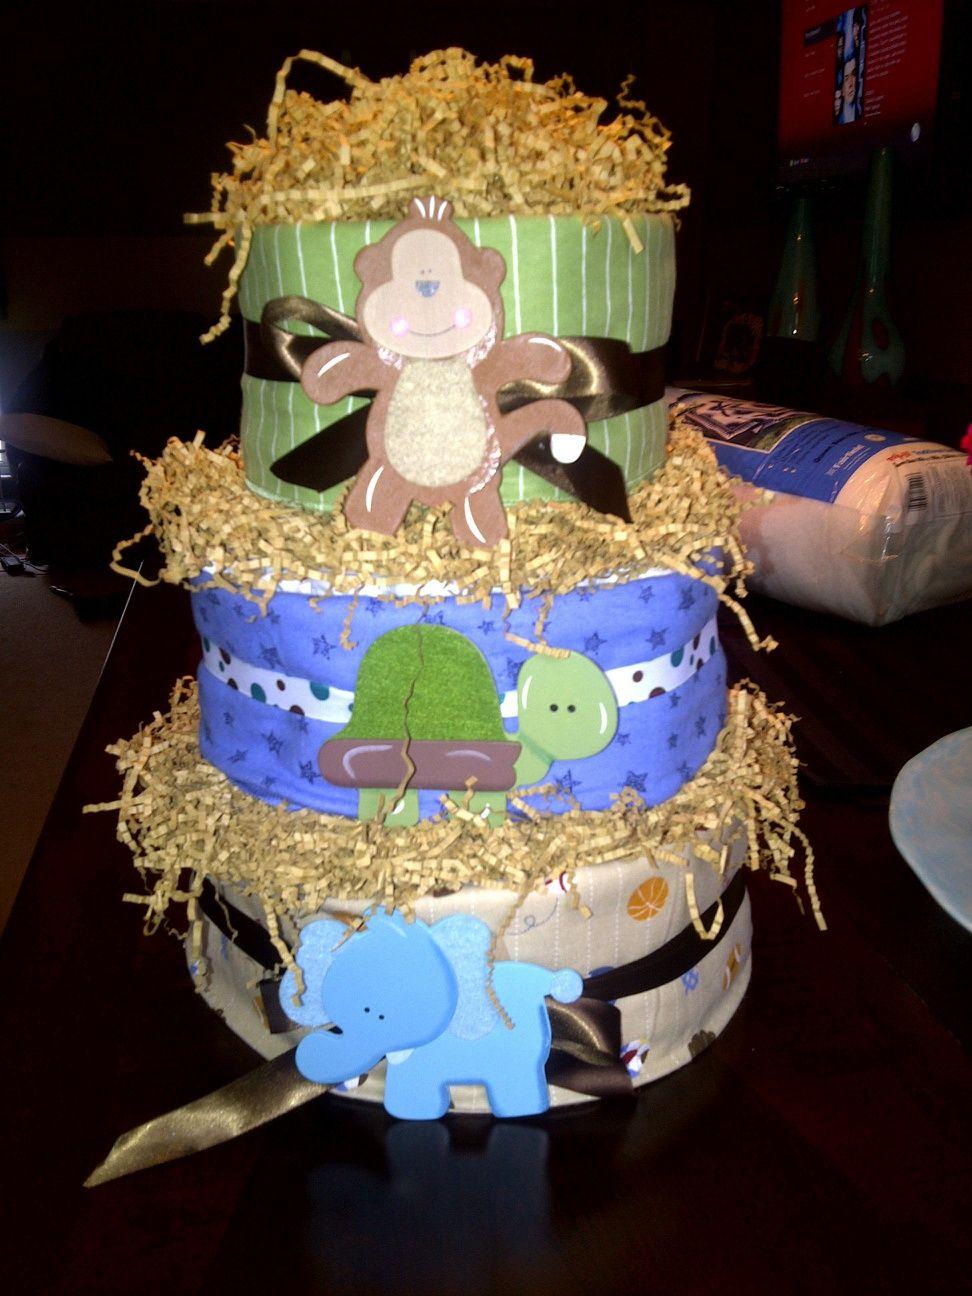 kroger bakery baby shower cakes baby shower cakes baby shower cakes